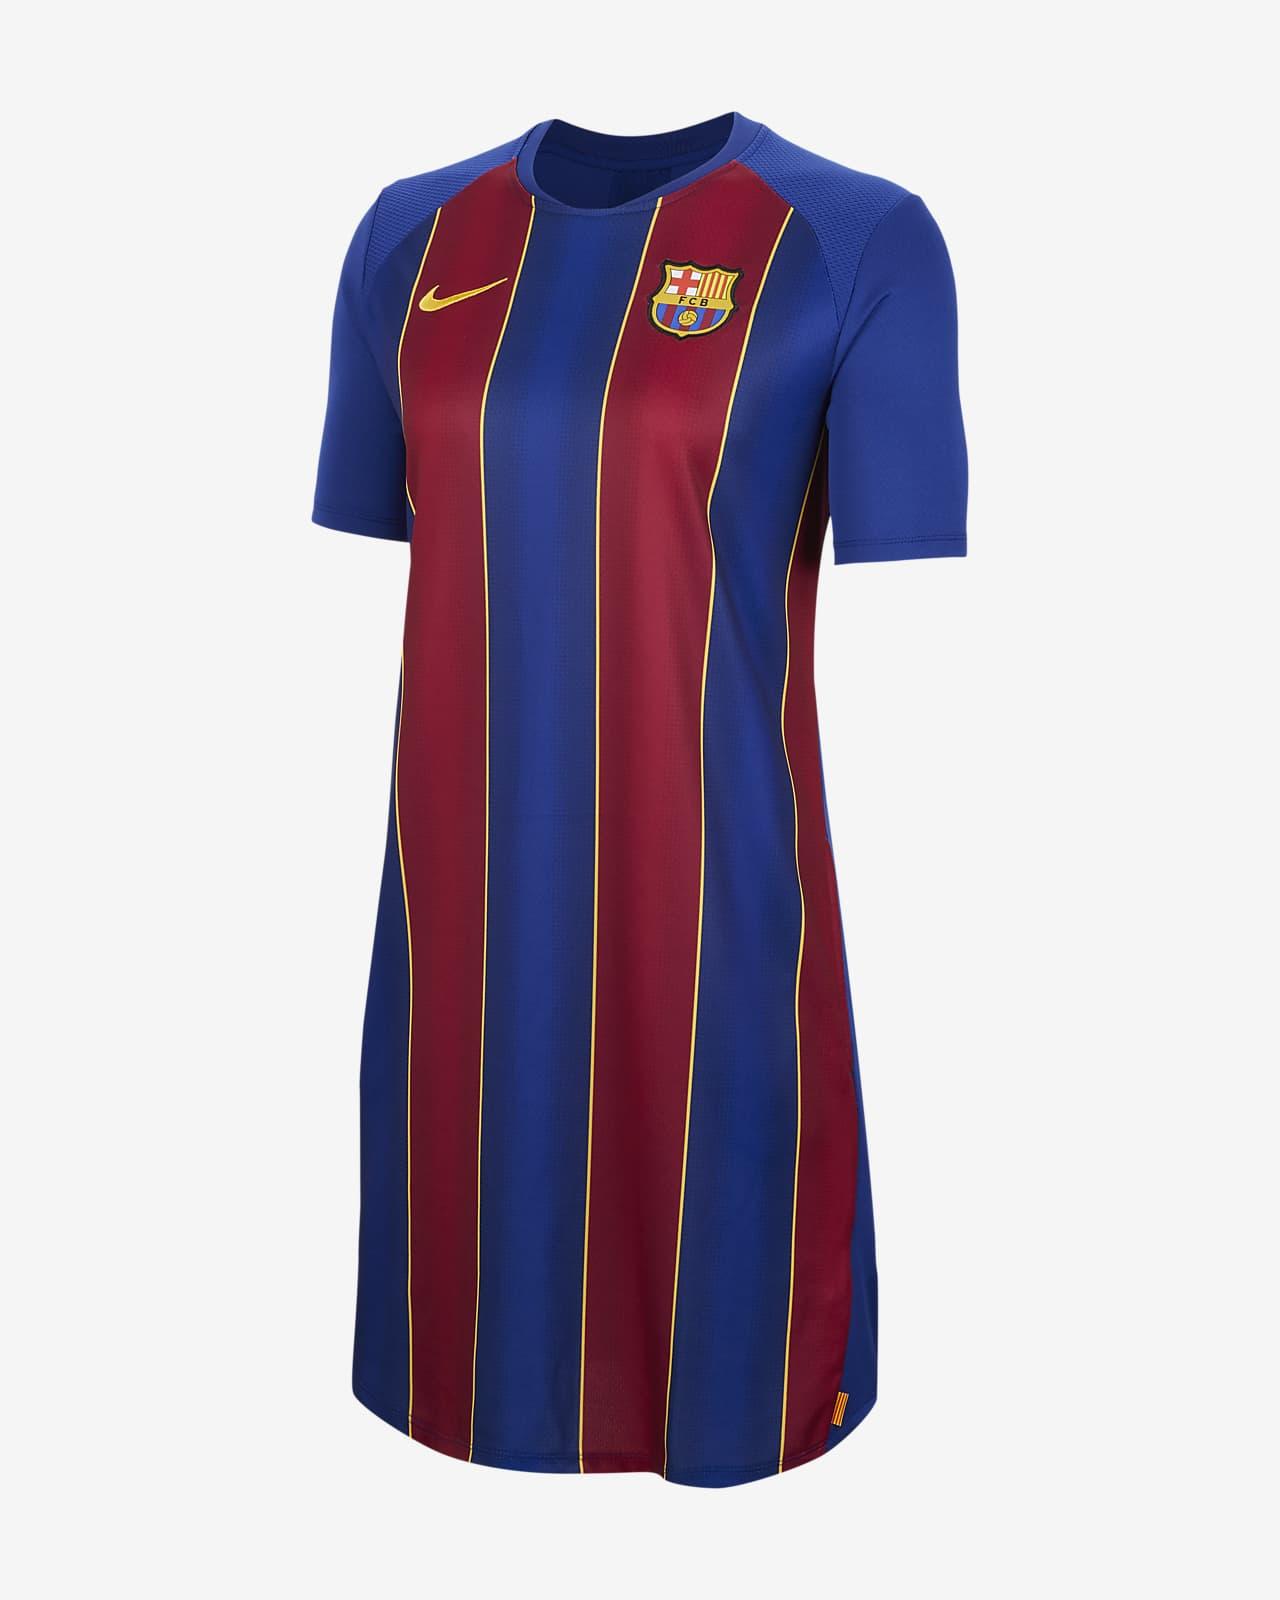 FC Barcelona fotballdraktkjole til dame